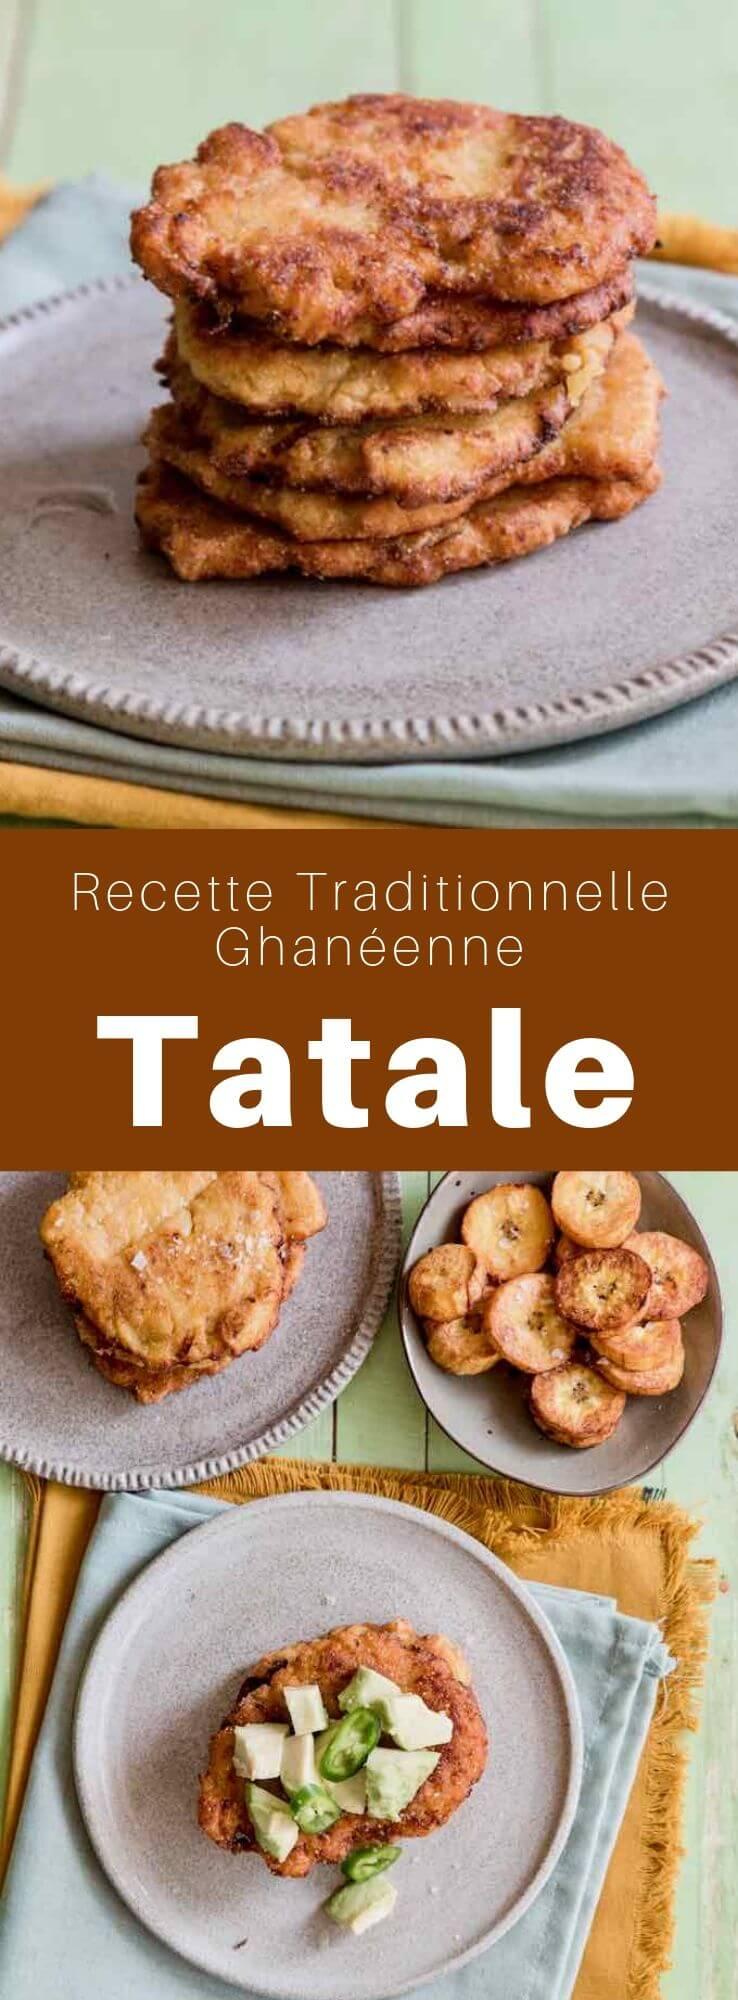 Les tatale, originaires du Ghana, sont des petites galettes de bananes plantain pimentées. Appelées également